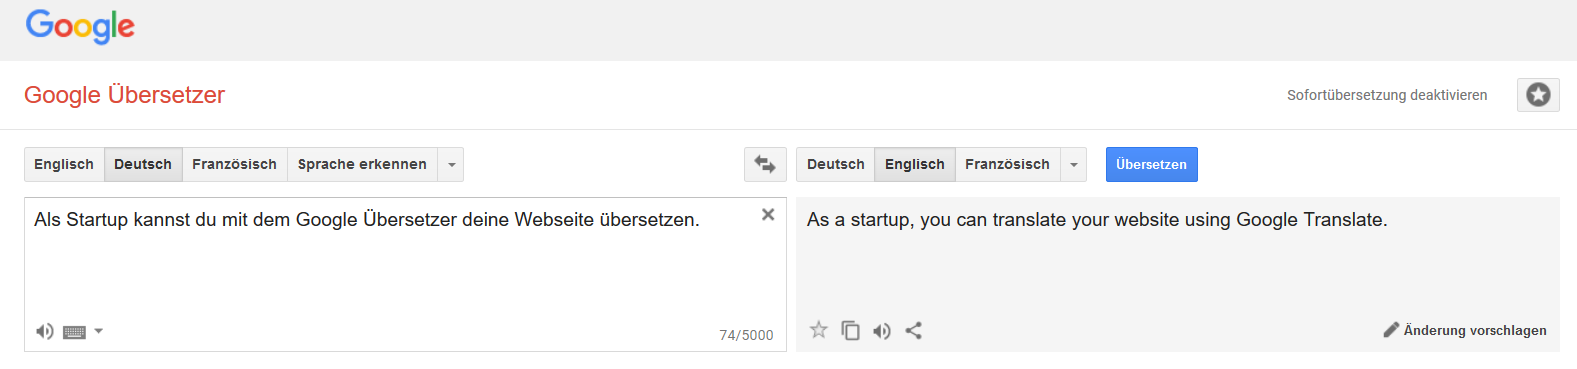 Der Google Übersetzer